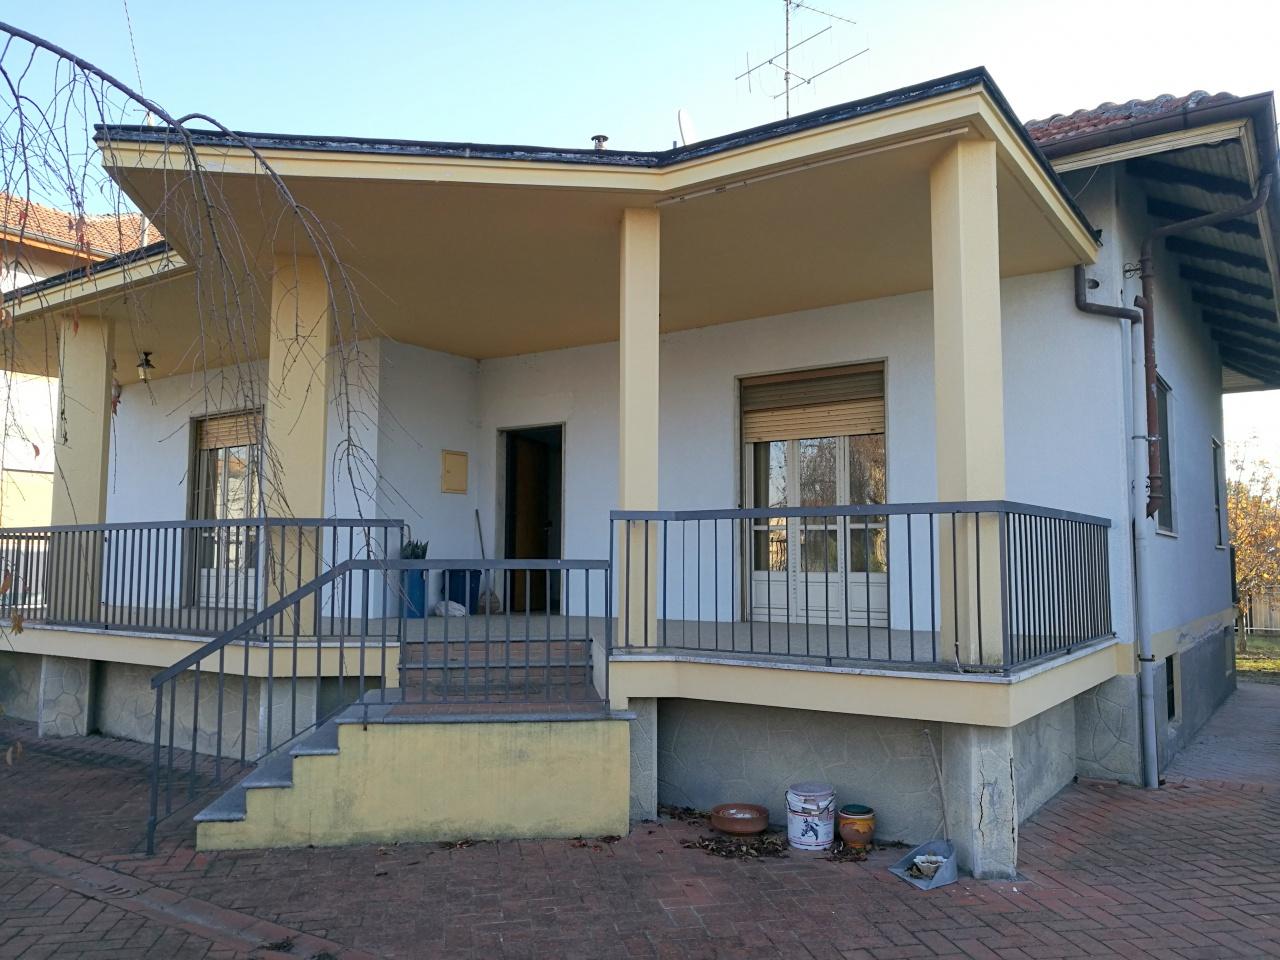 Soluzione Indipendente in vendita a Torrazza Piemonte, 7 locali, prezzo € 210.000 | CambioCasa.it